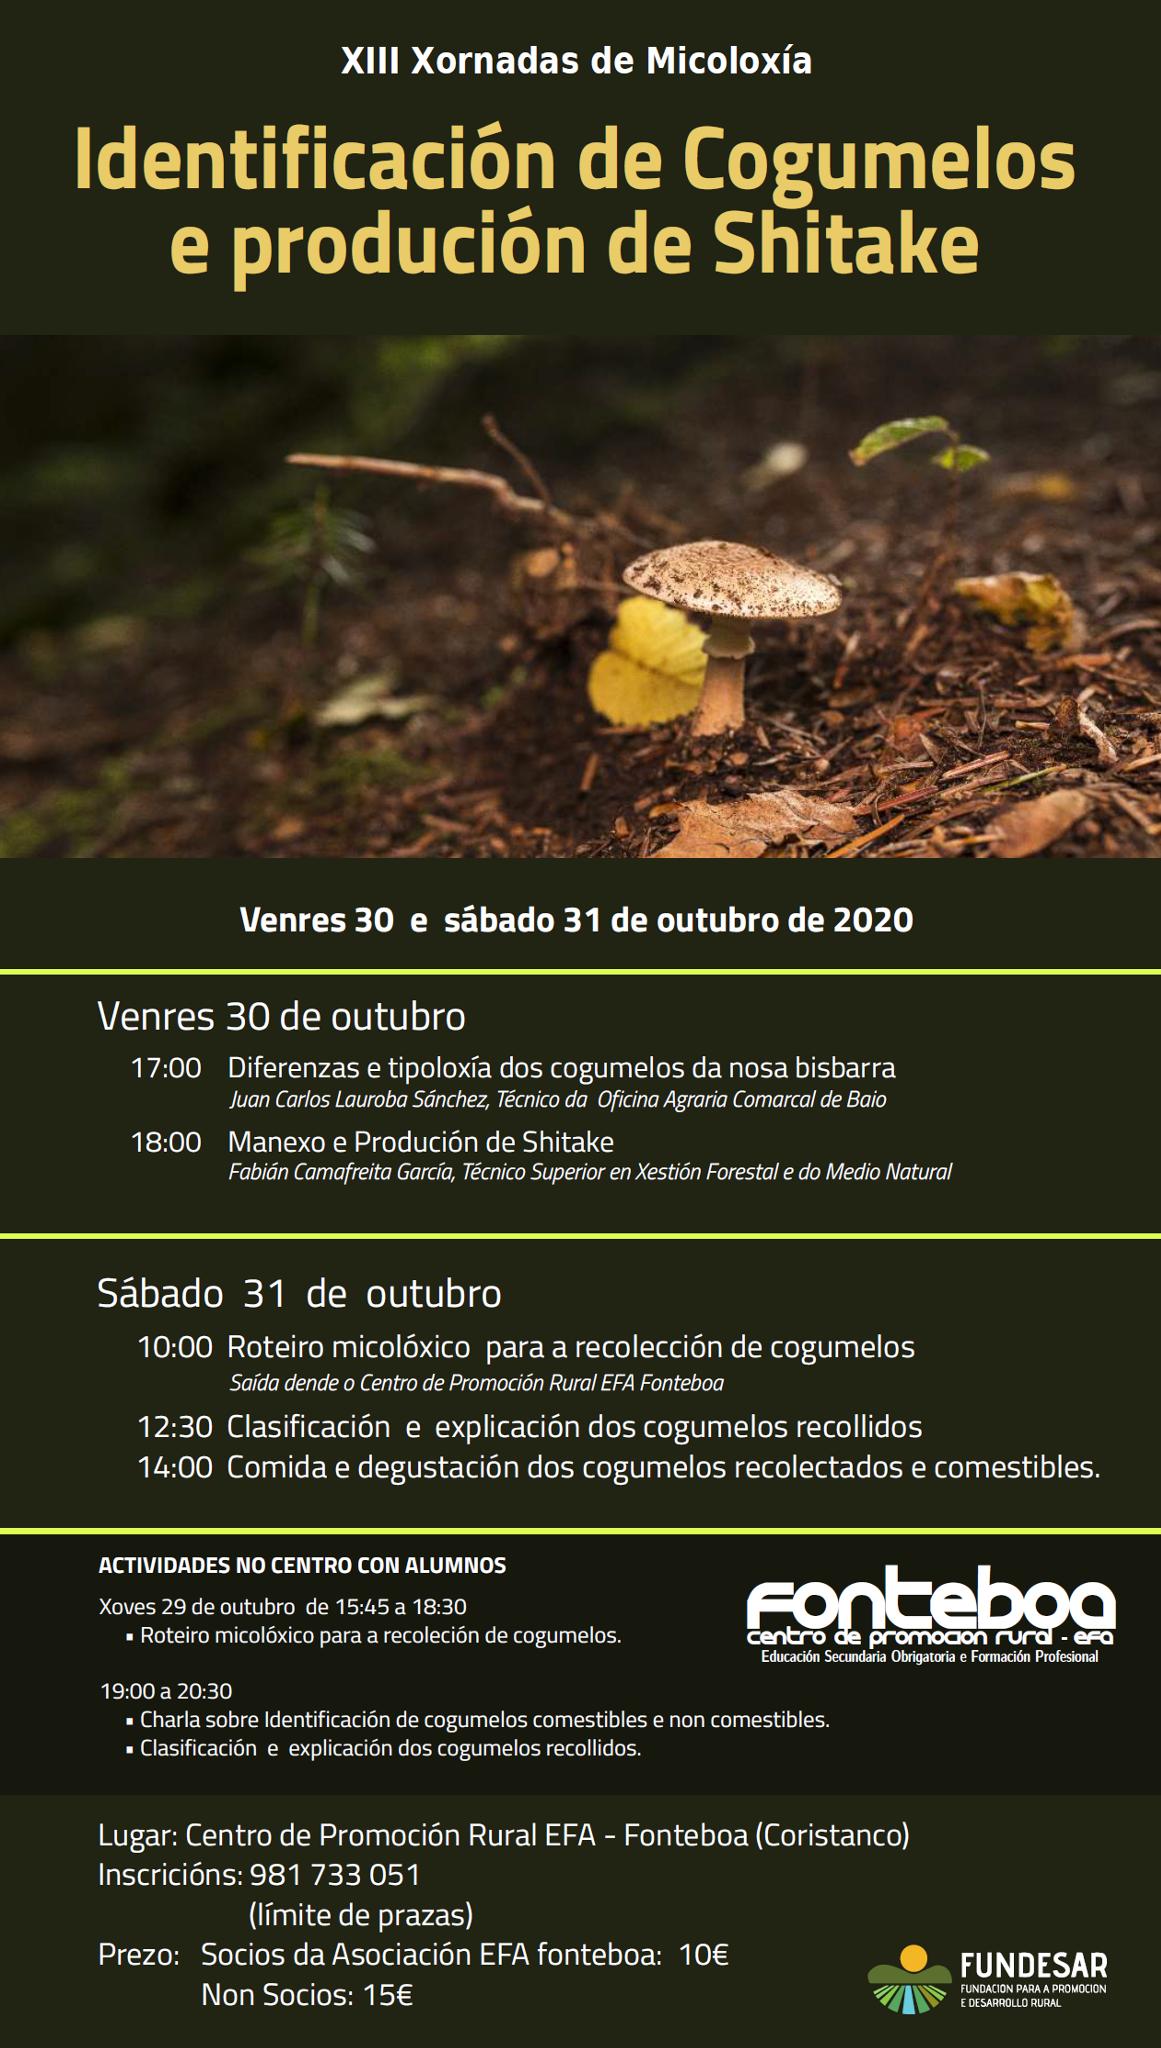 xornadas micoloxicas fonteboa 2020